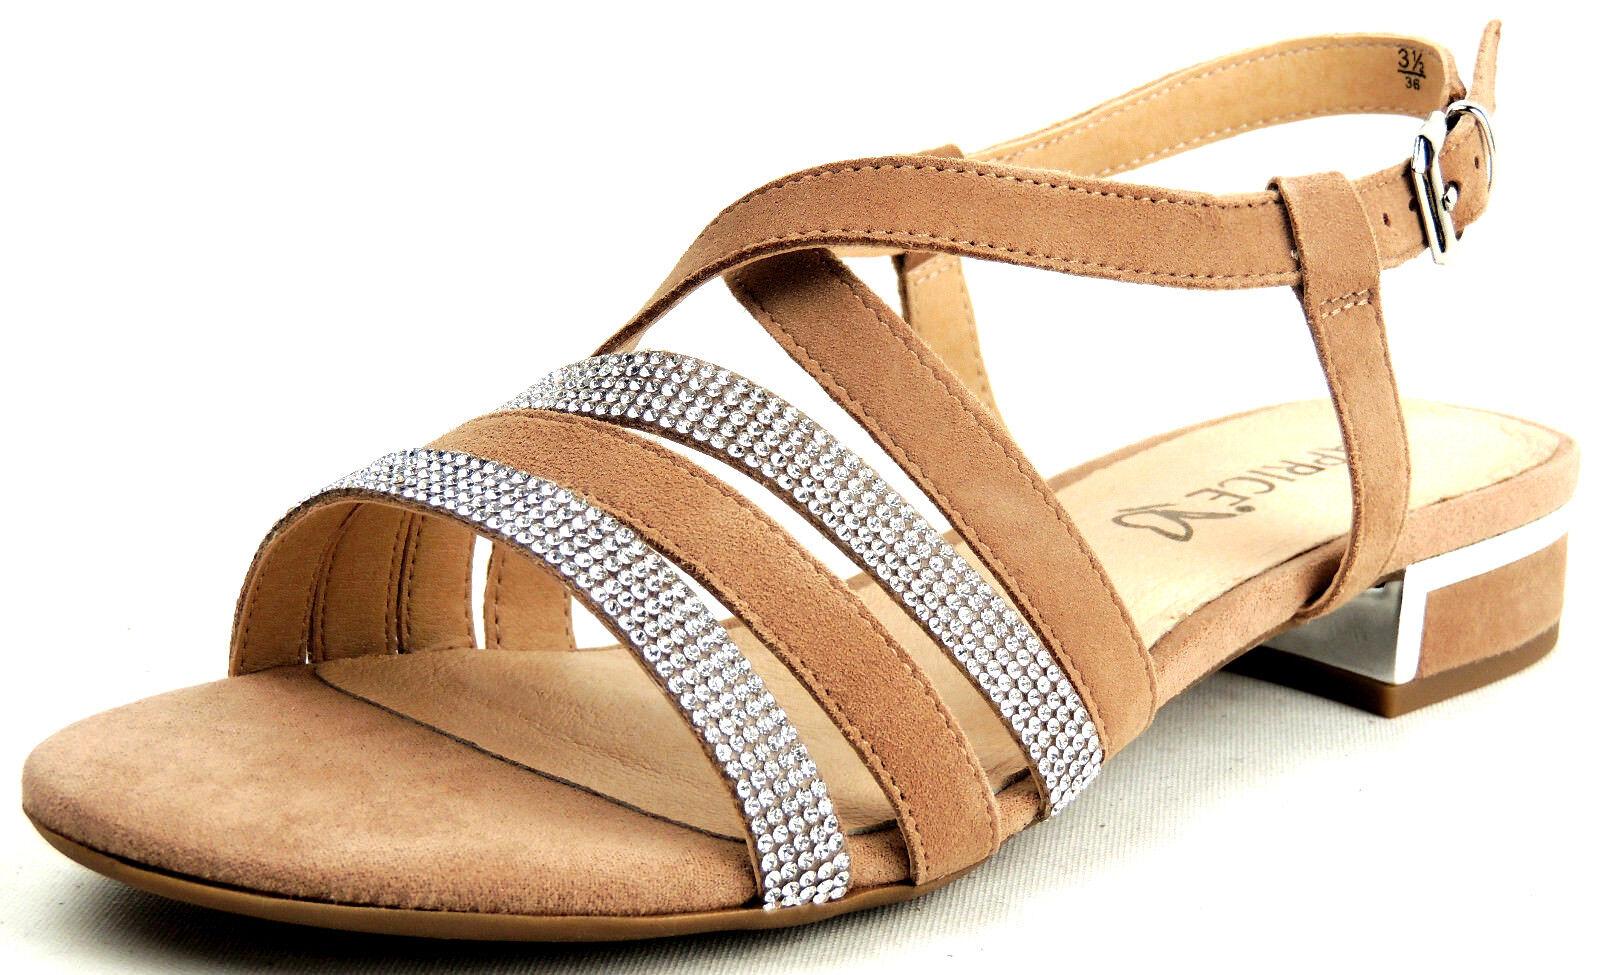 CAPRICE  Damen Sandaleette  LEDER  Weite G  rose/sand  20% ROTUZIERT